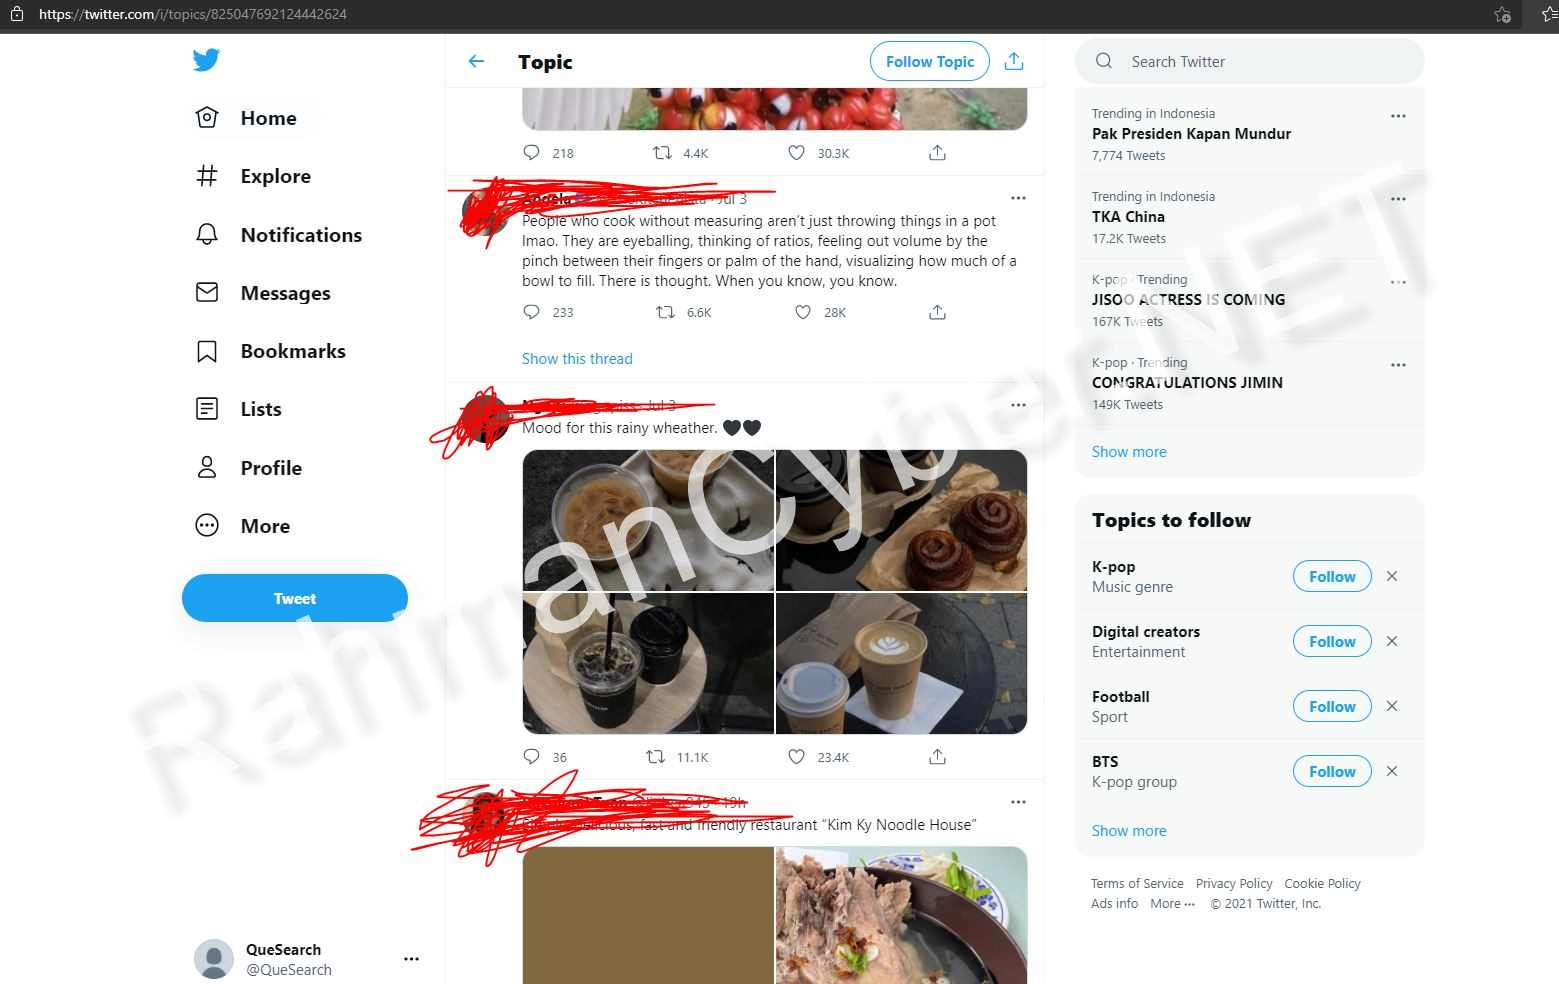 Twitter di Suspend tapi masih bisa digunakan untuk menjelajah